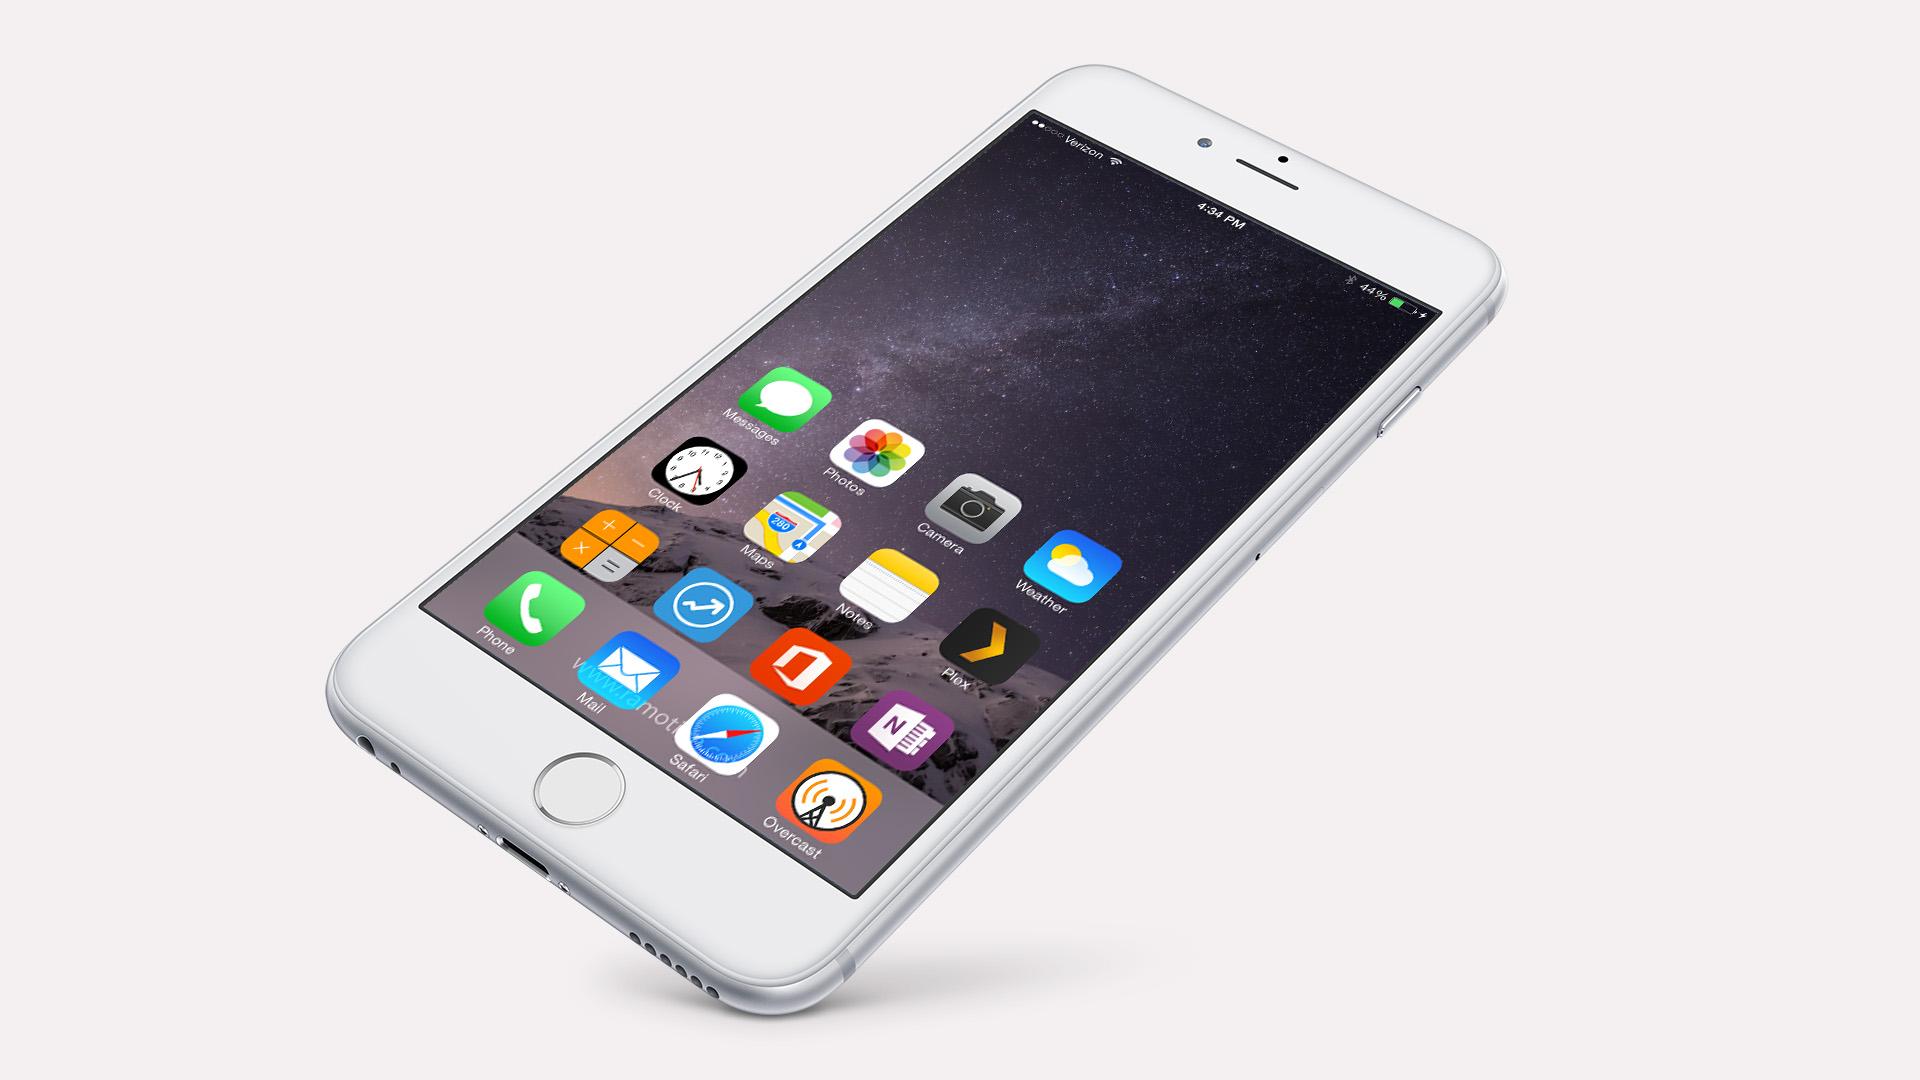 6 поколение iPhone появится на отечественном рынке с минимальным отрывом от США